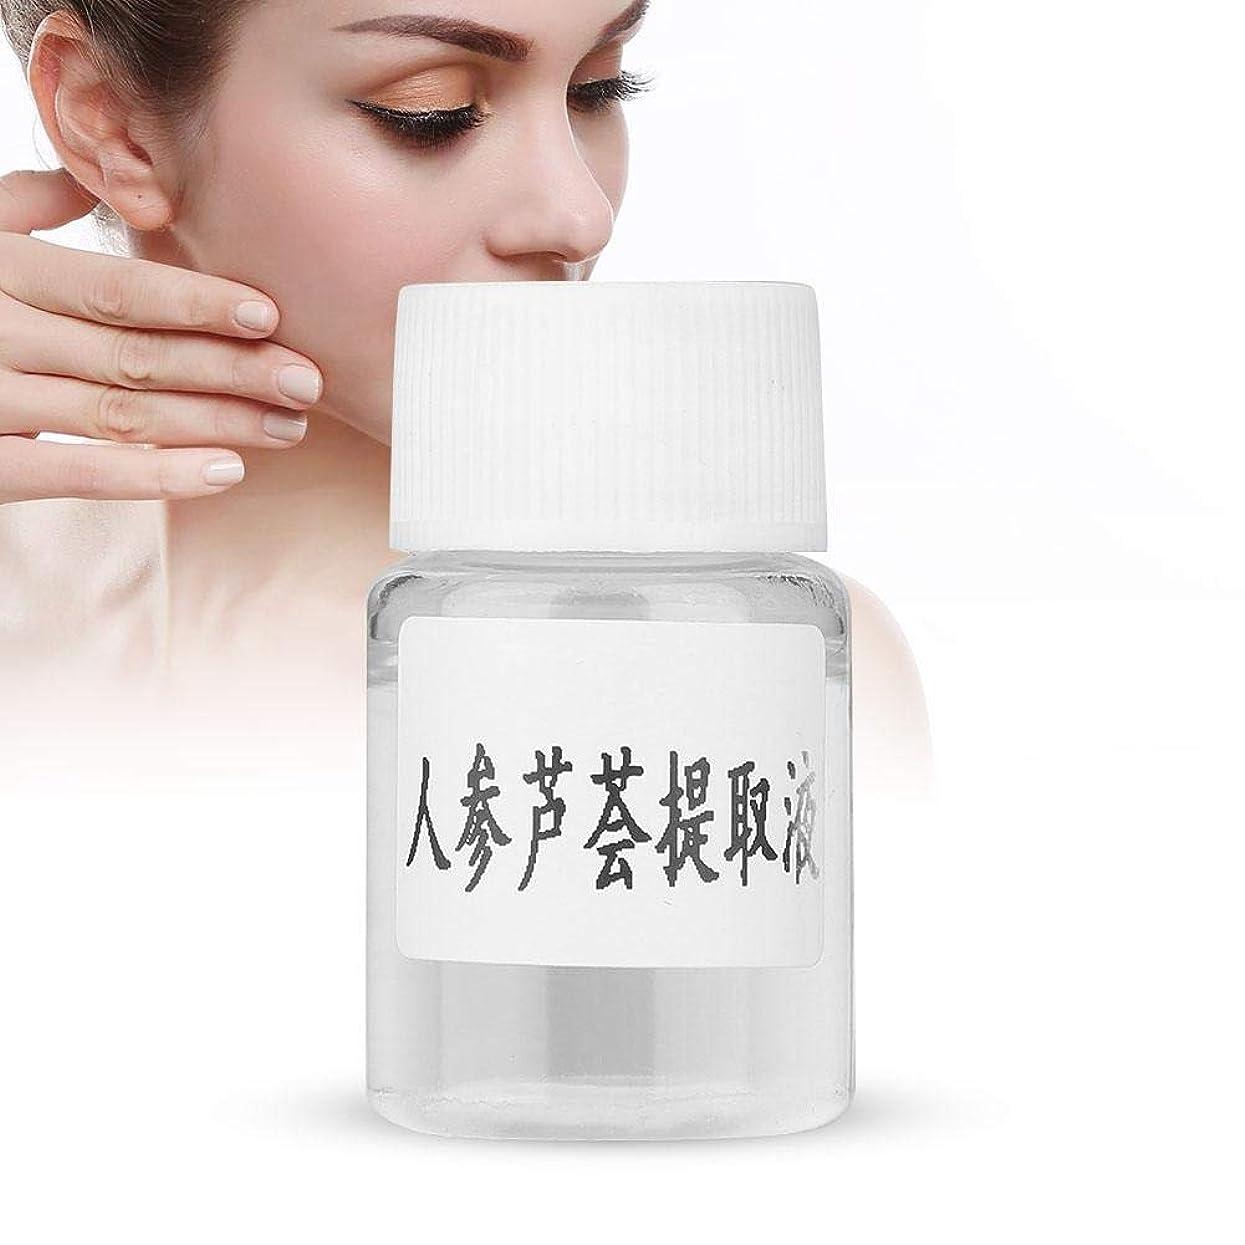 有効なすすり泣き反対した御種人蔘 アロエベラエキス 手作り化粧品原料 15g